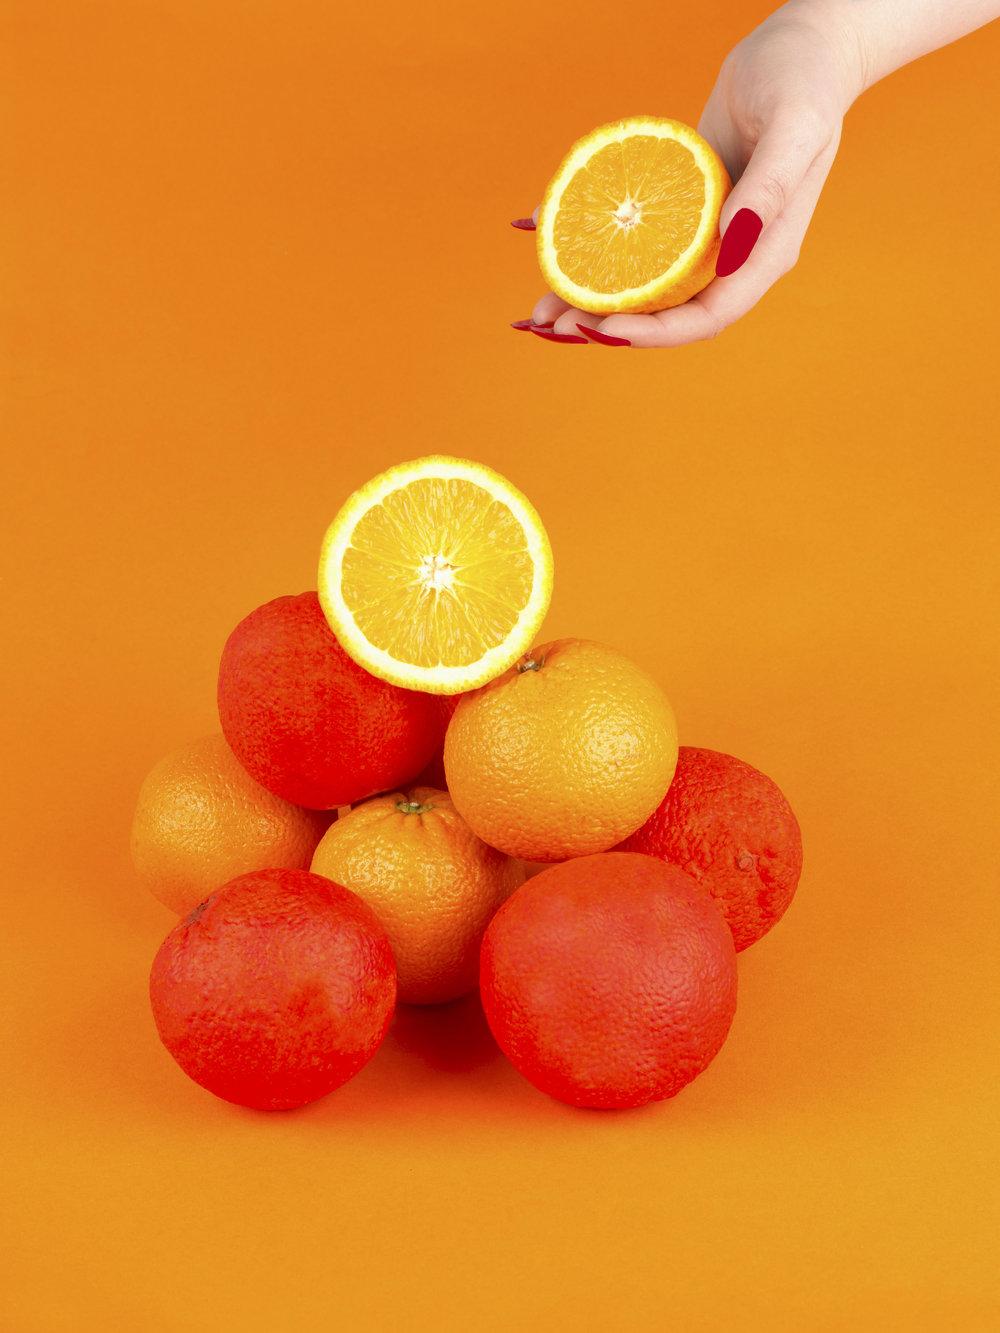 orangehand.jpg